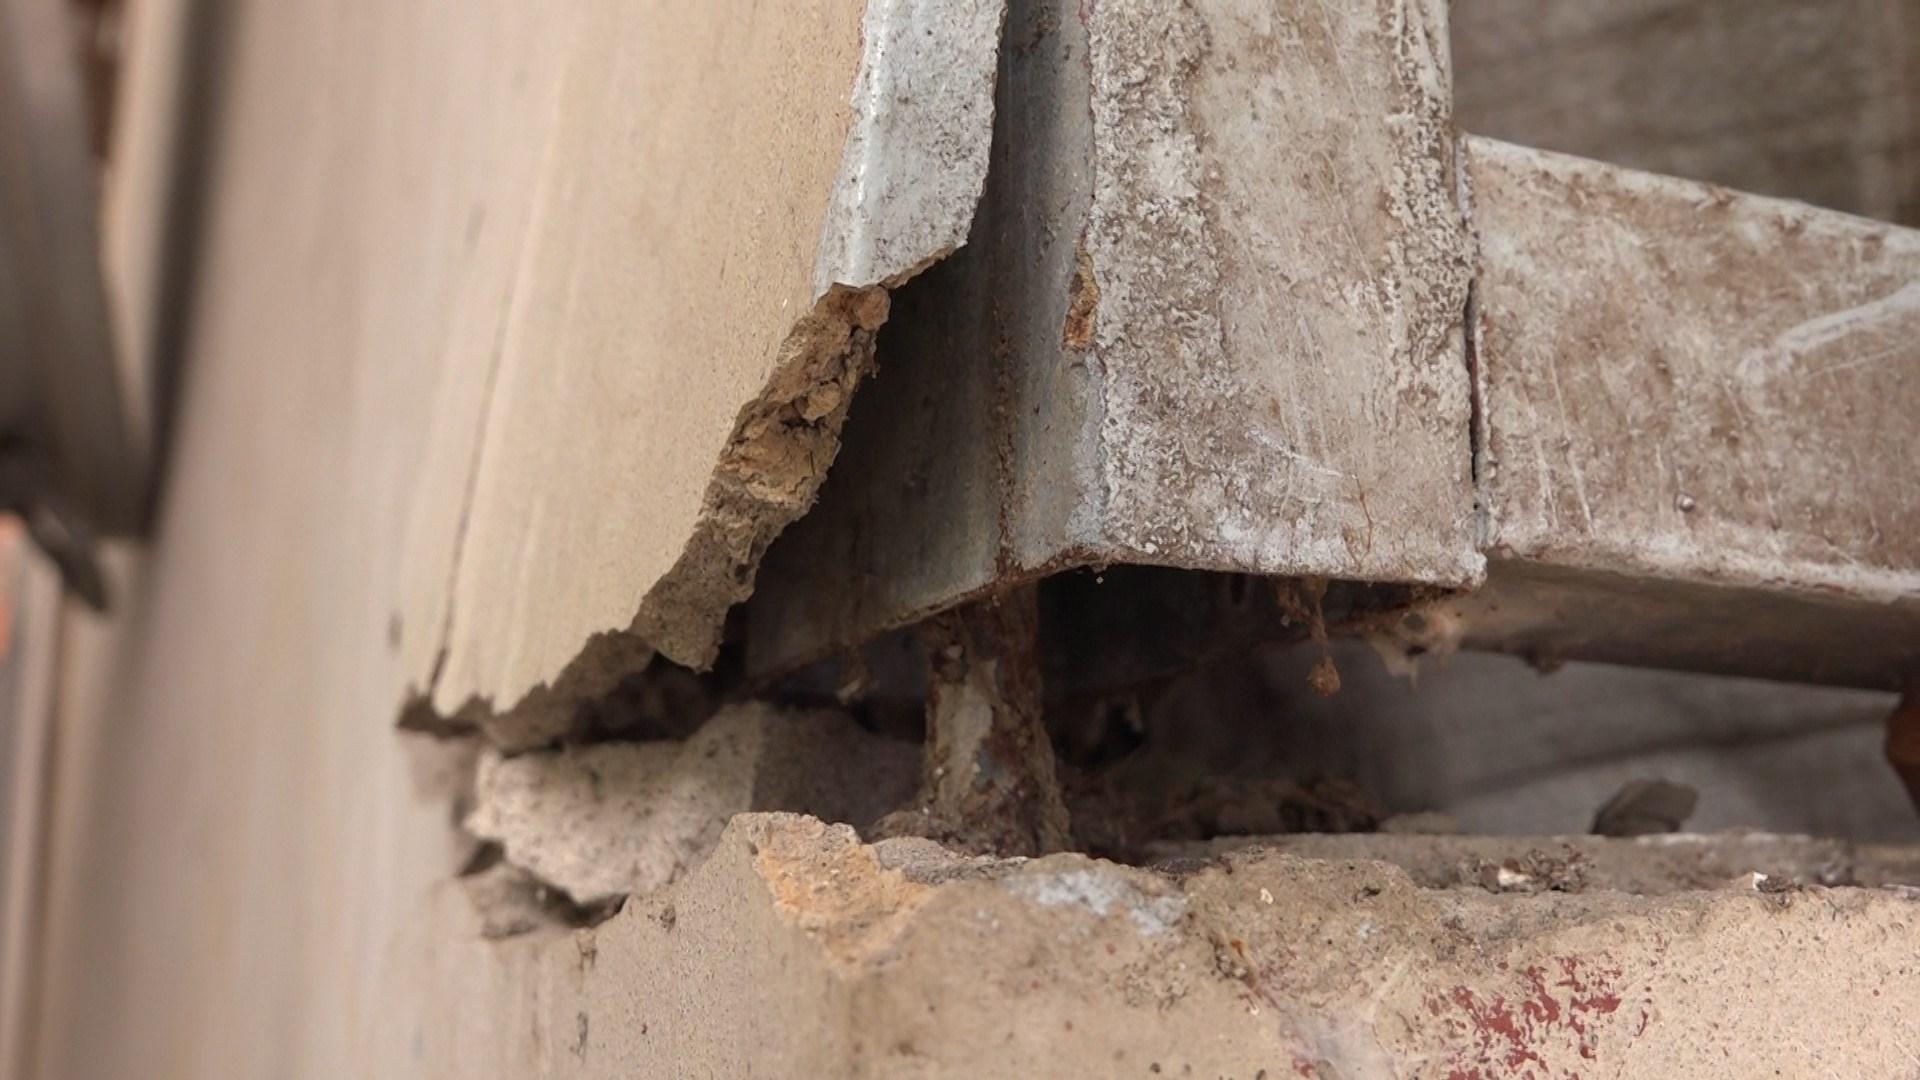 Nếu vết nứt ở một vài chi tiết nhỏ trên bề mặt tường nhà thì không quá nguy hiểm